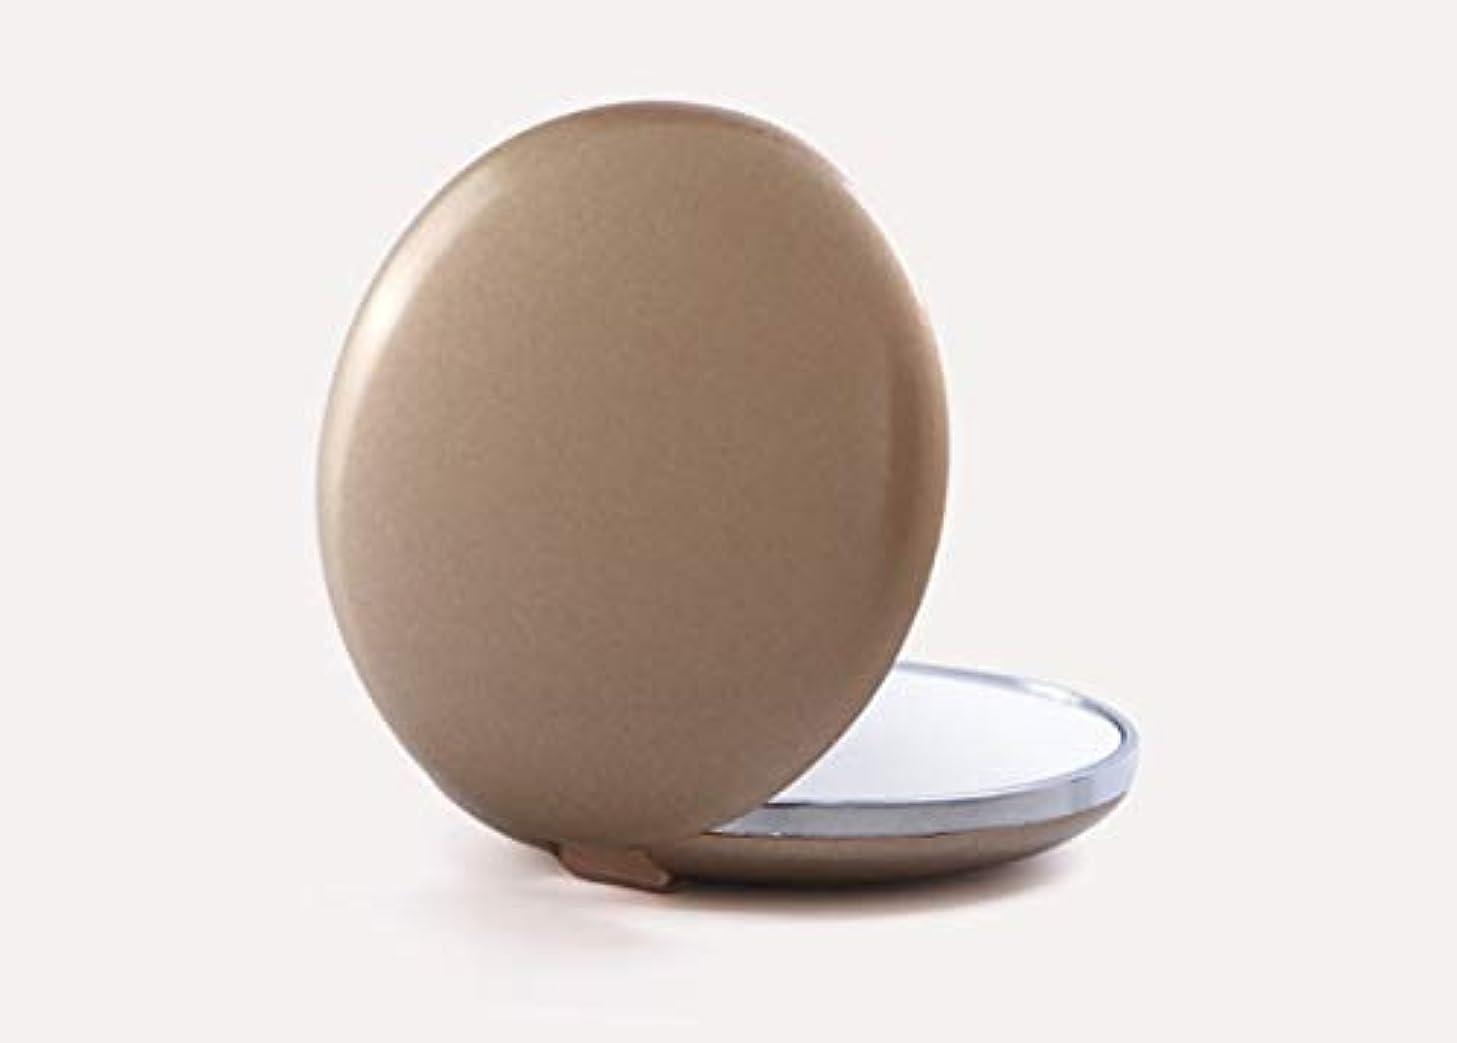 トラブル振るヒロイン化粧鏡、ブラウンテクスチャアップグレード化粧鏡化粧鏡化粧ギフト